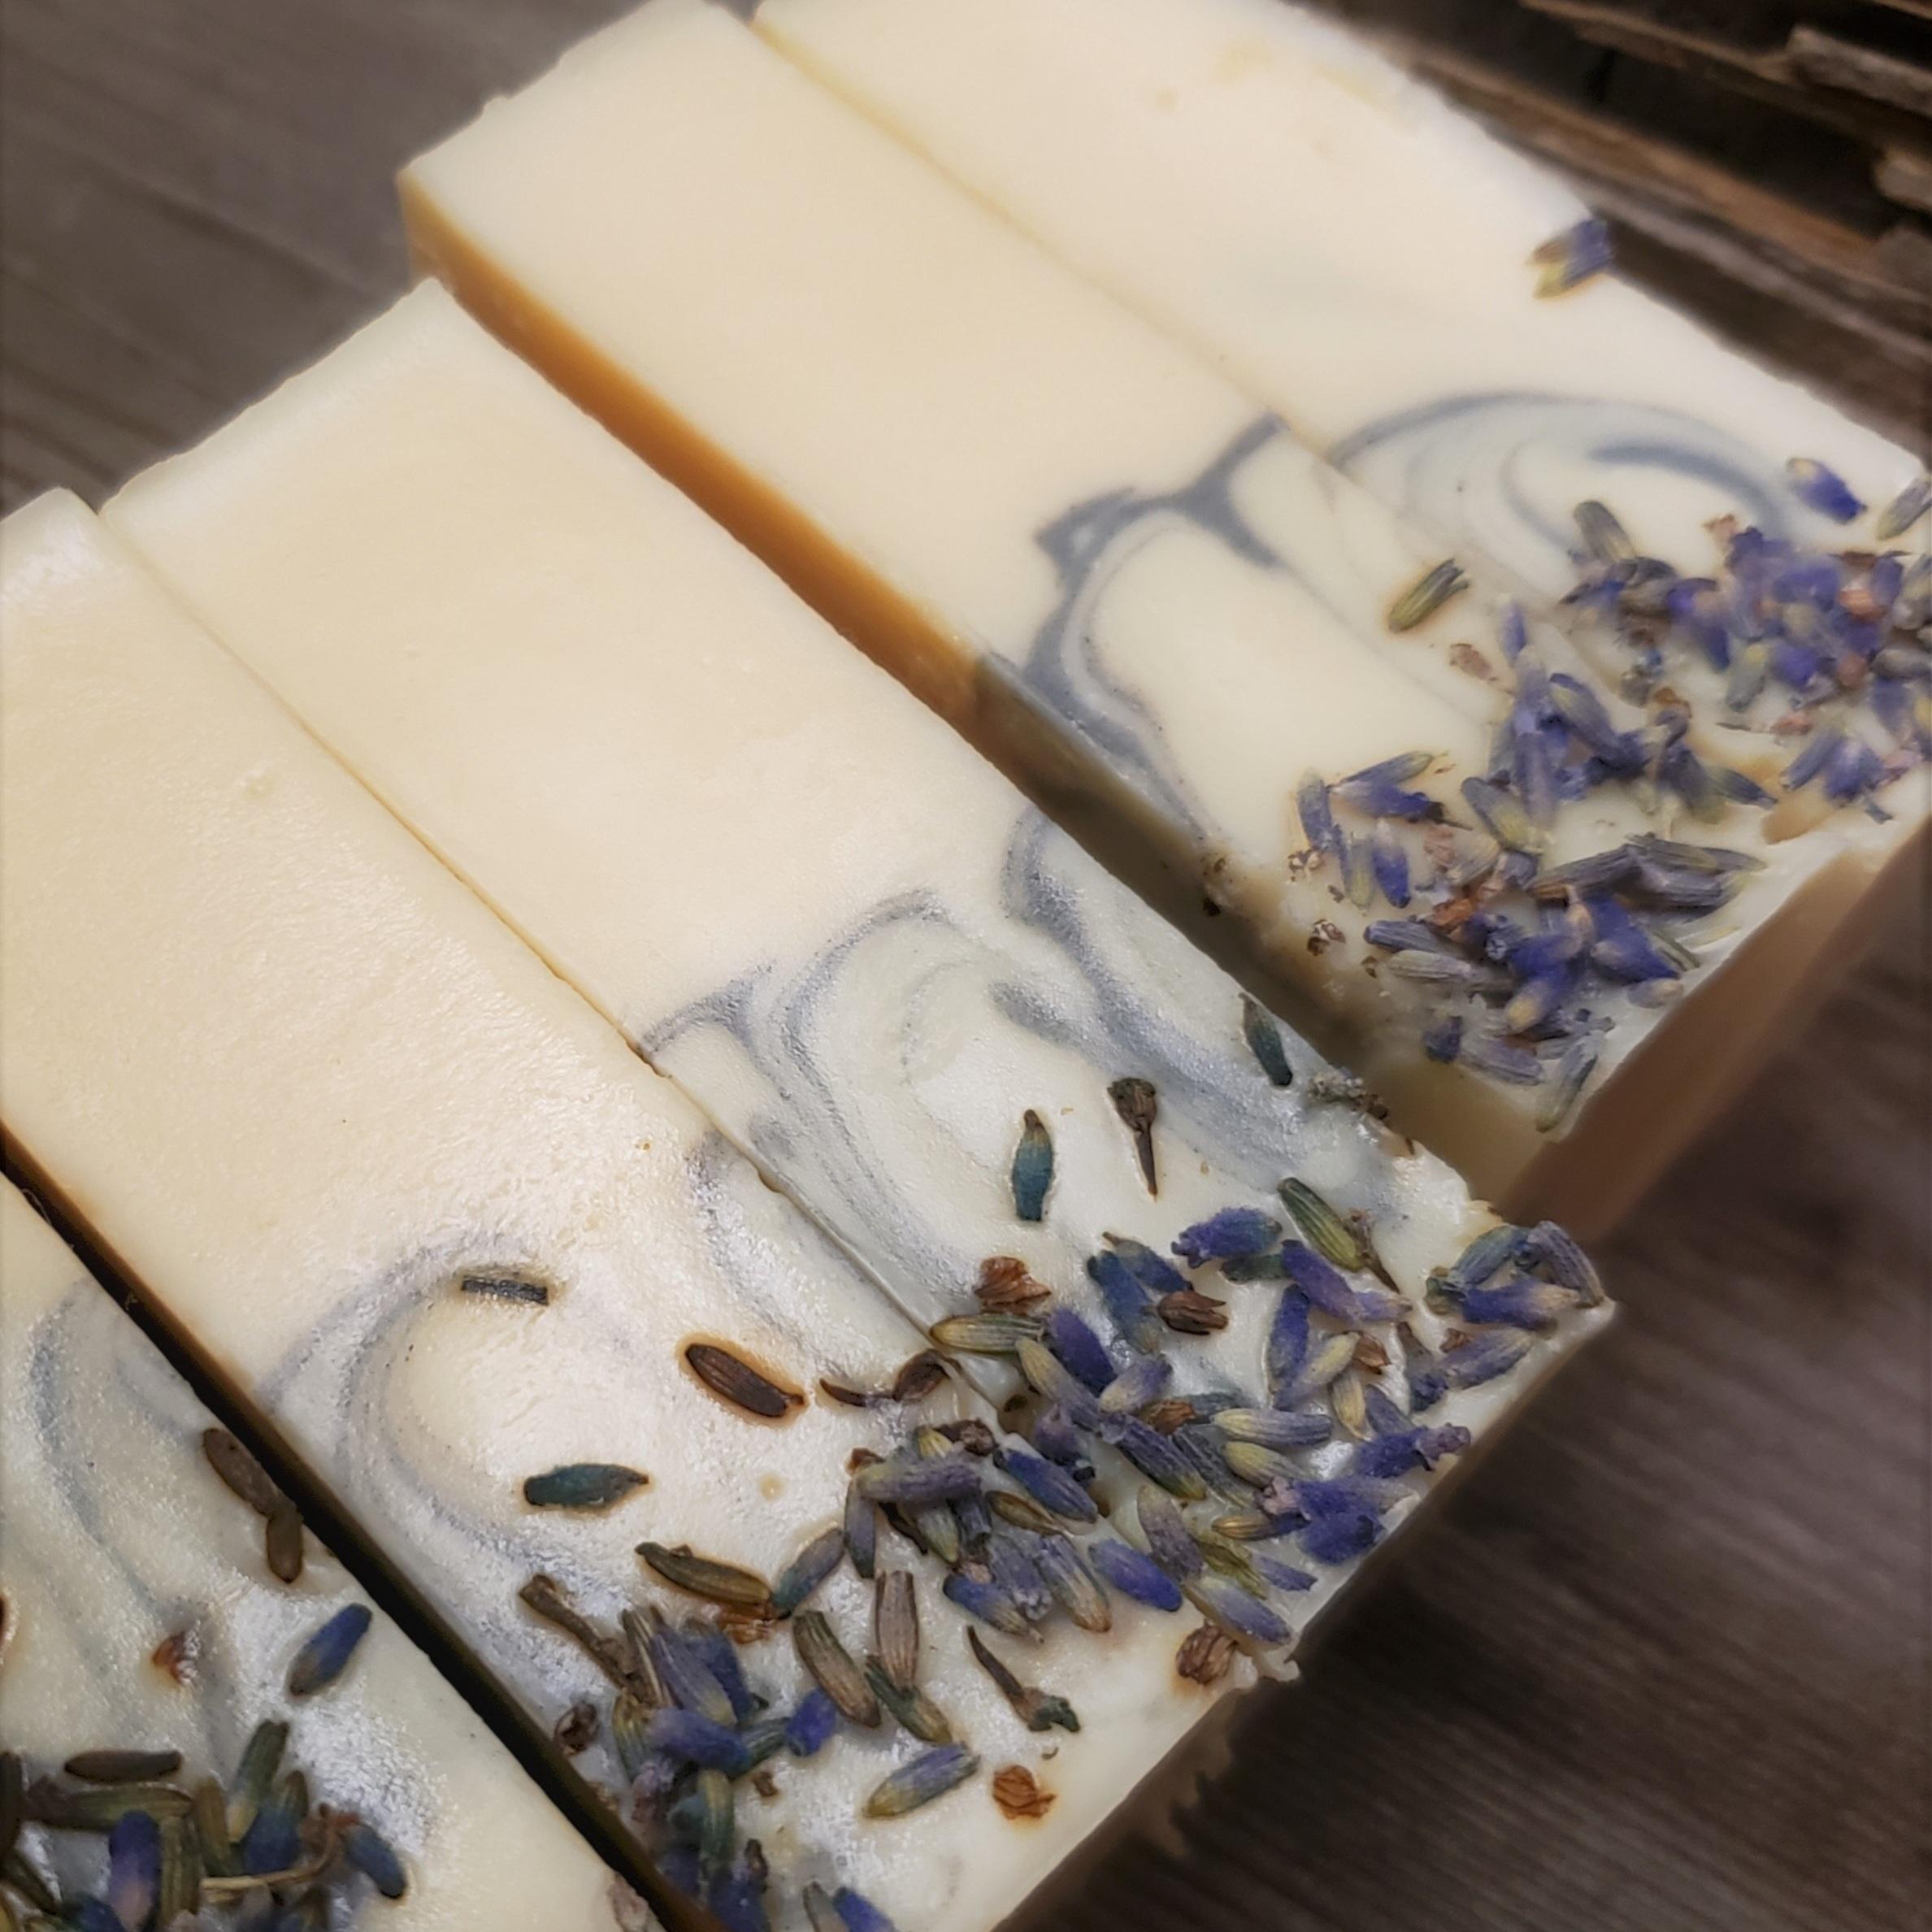 SNEAK PEAK - Hungarian Lavender - Goat's Milk Soap